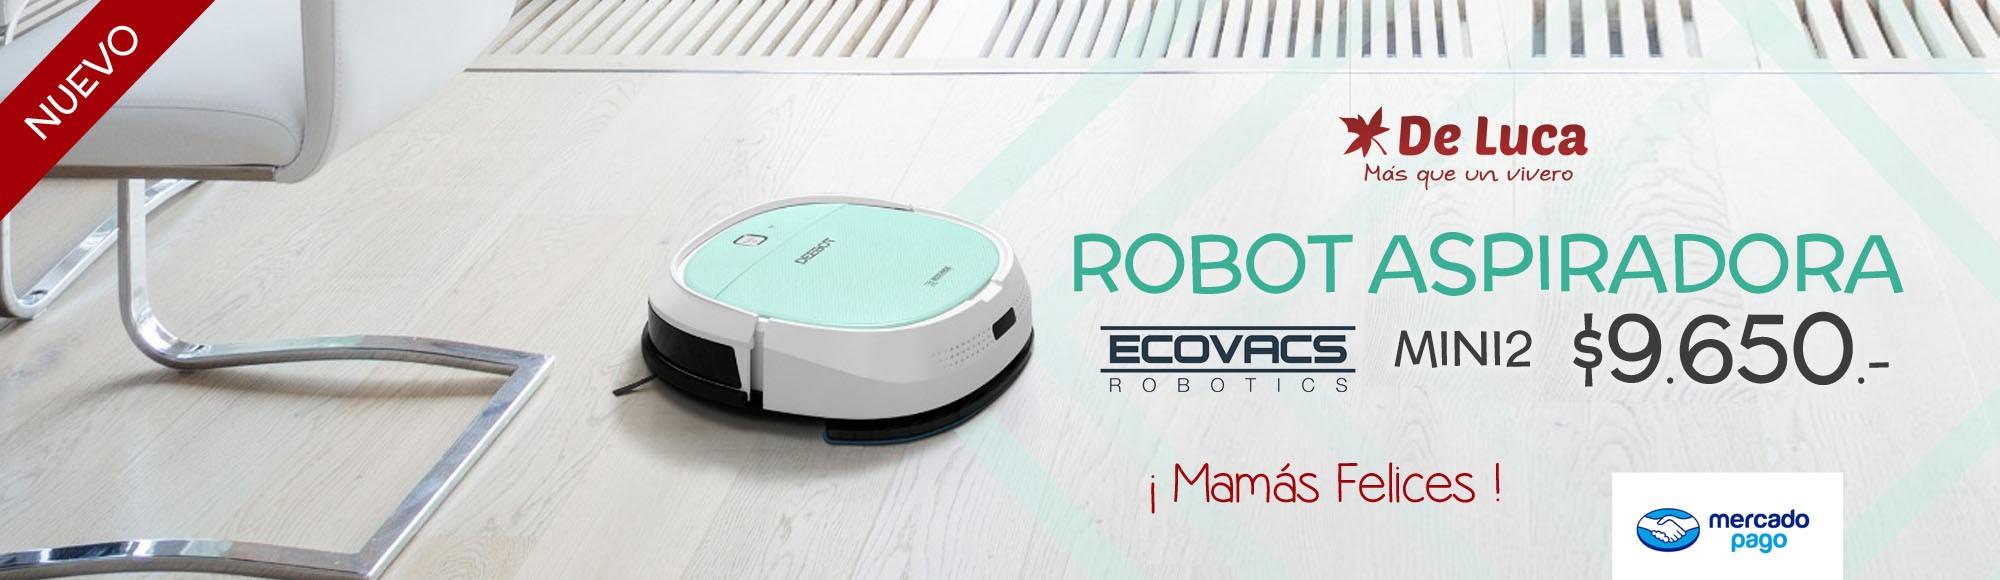 Robot Aspiradoras